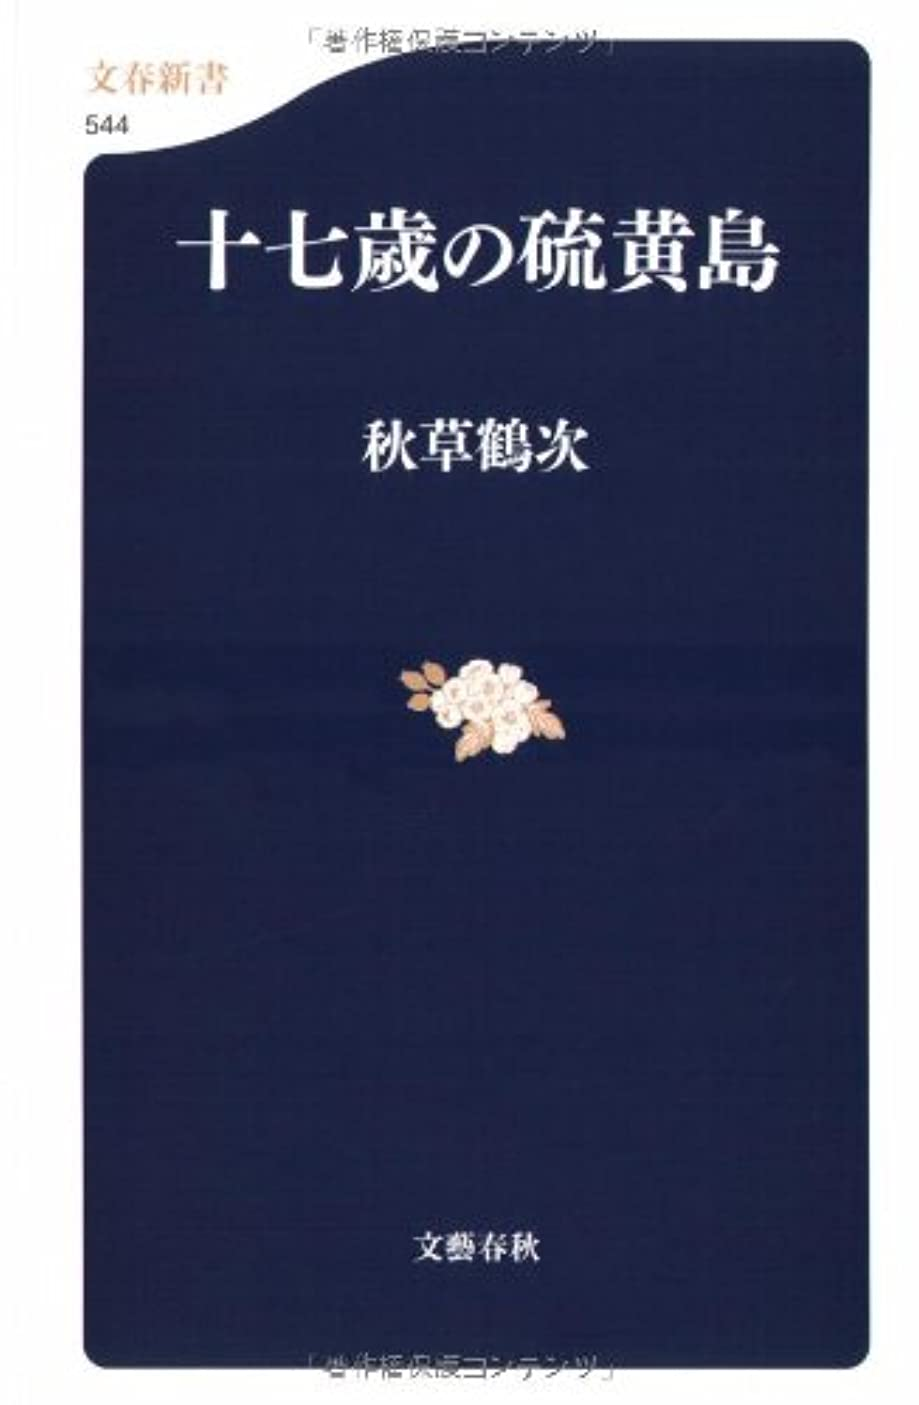 プレゼンテーションバックアップ育成十七歳の硫黄島 (文春新書)